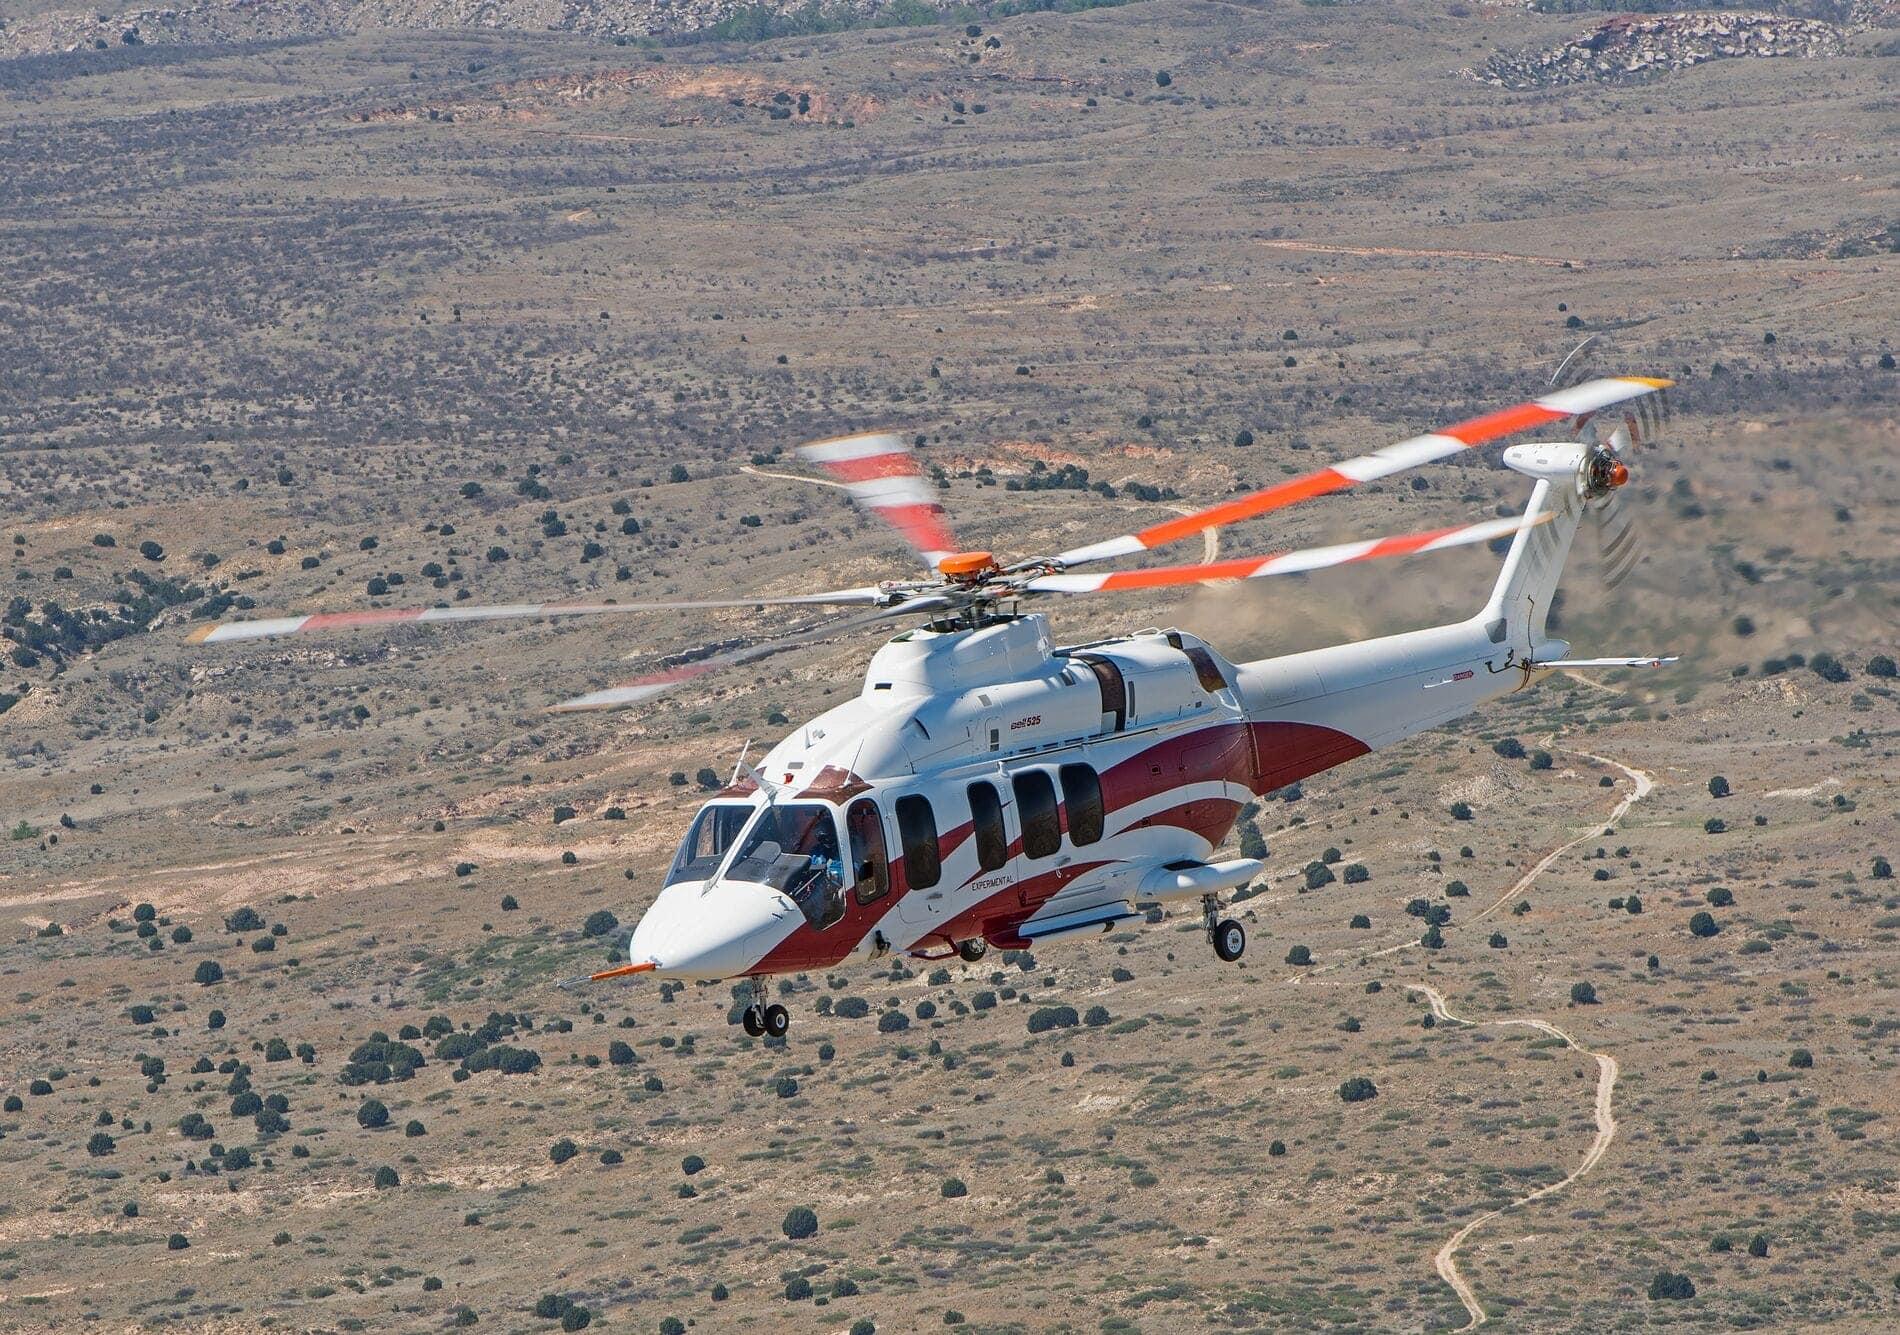 Bell 525 blanc survolant le désert